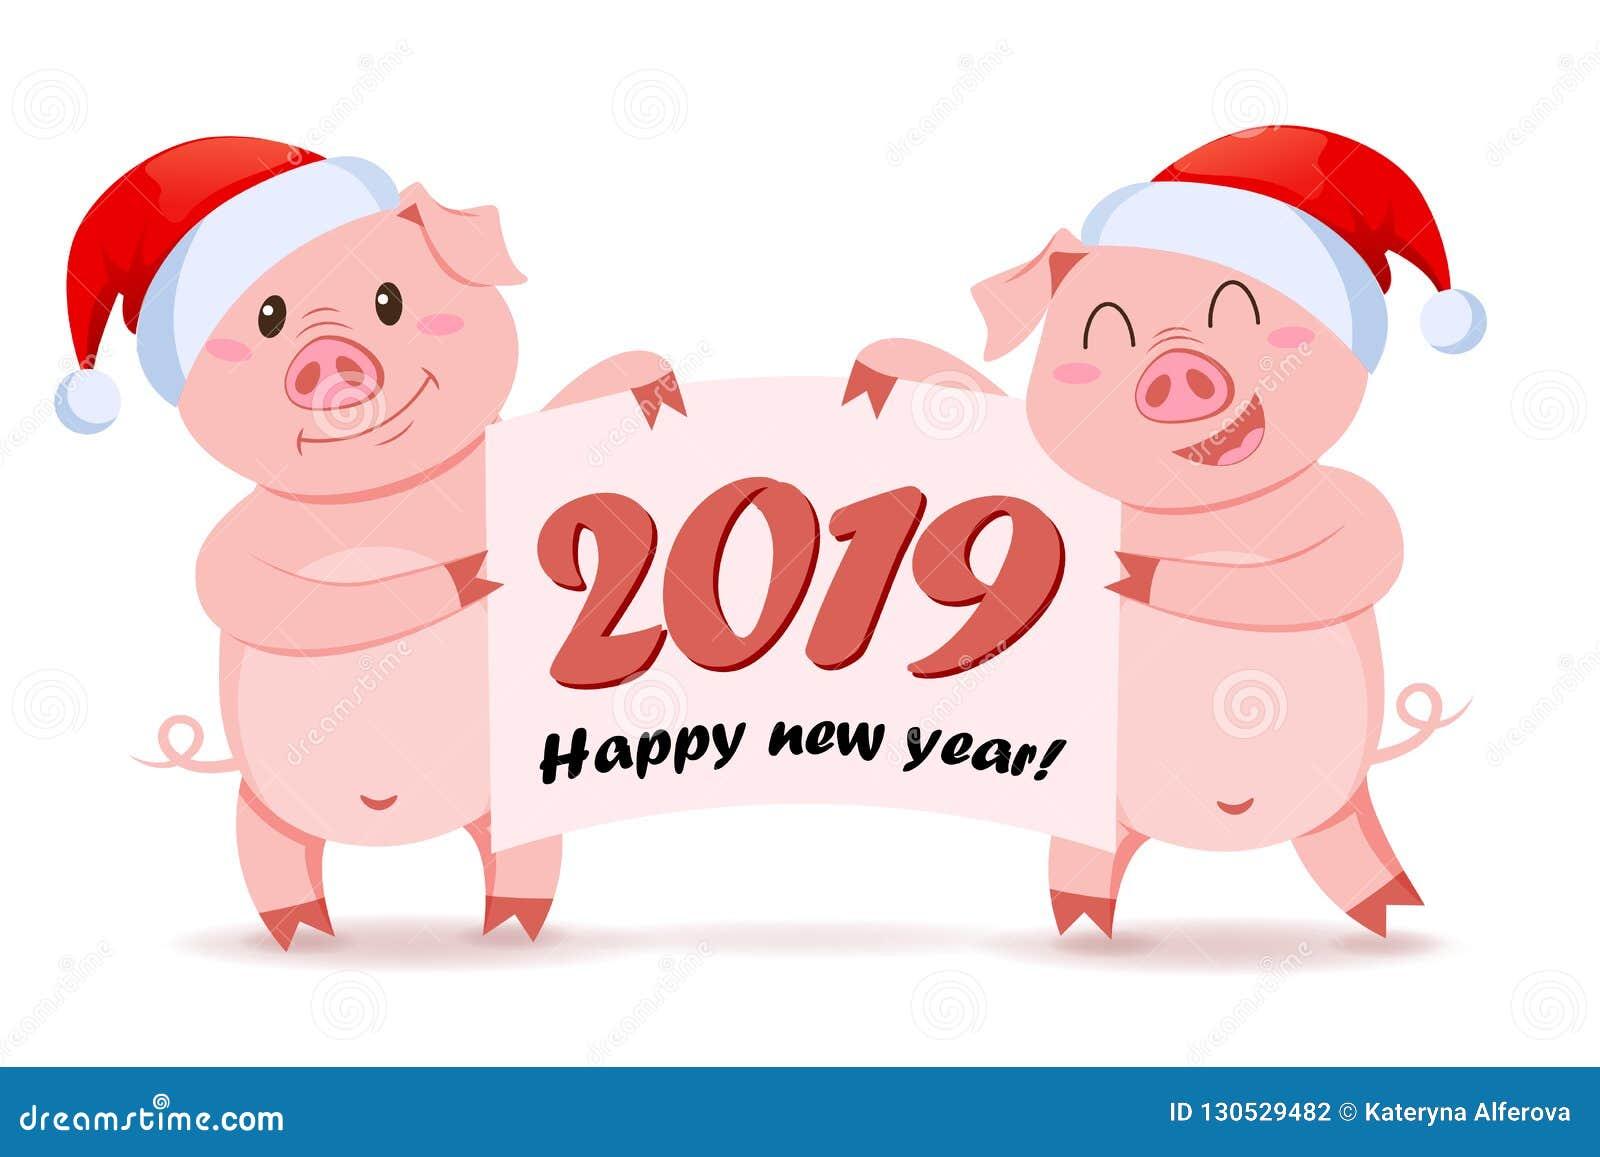 Χοίροι στο έμβλημα εκμετάλλευσης καπέλων Άγιου Βασίλη με τα συγχαρητήρια Σύμβολο του κινεζικού νέου έτους 2019